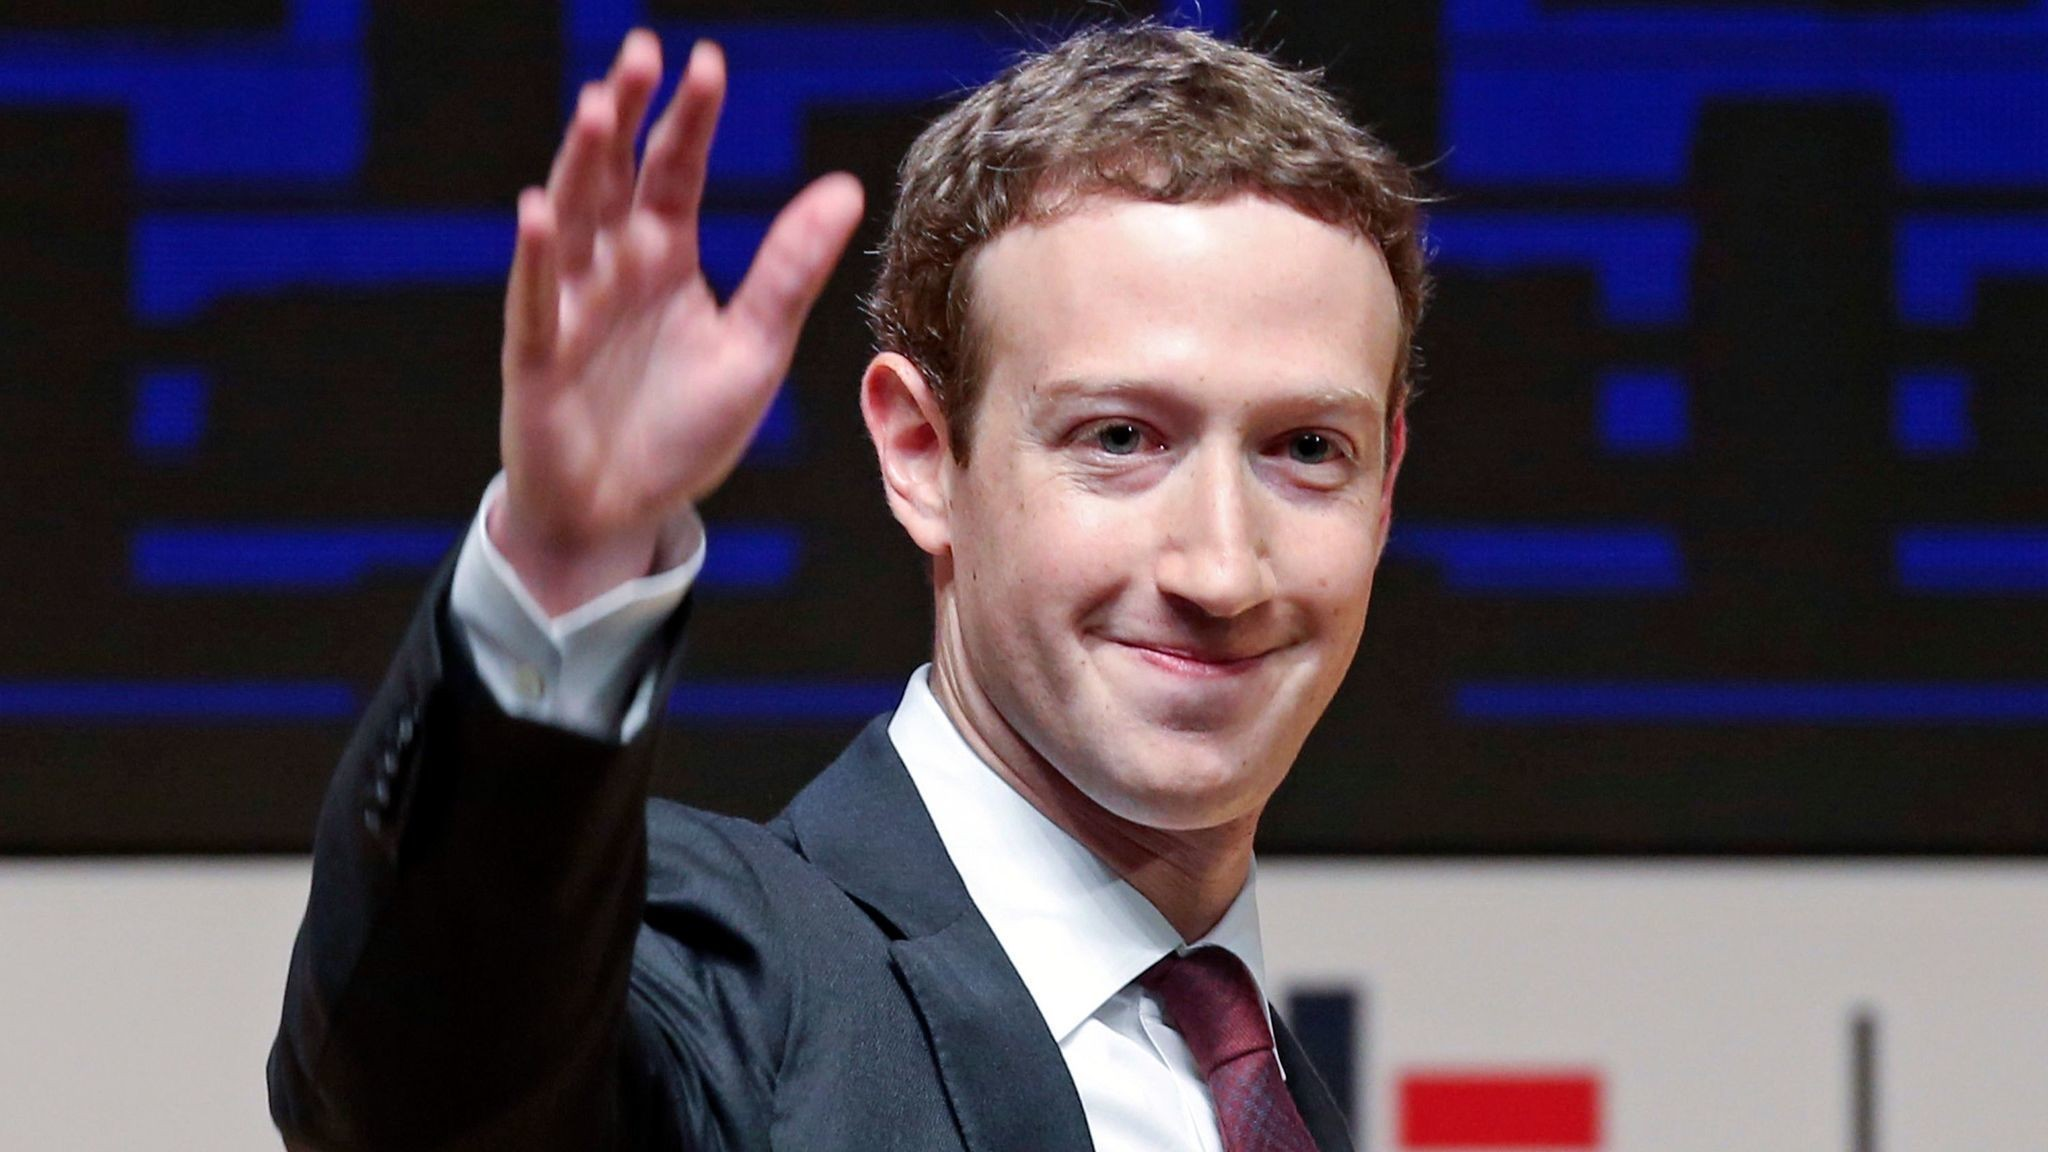 Цукерберг привлечет пользователей социальная сеть Facebook коценке правдоподобности новостей